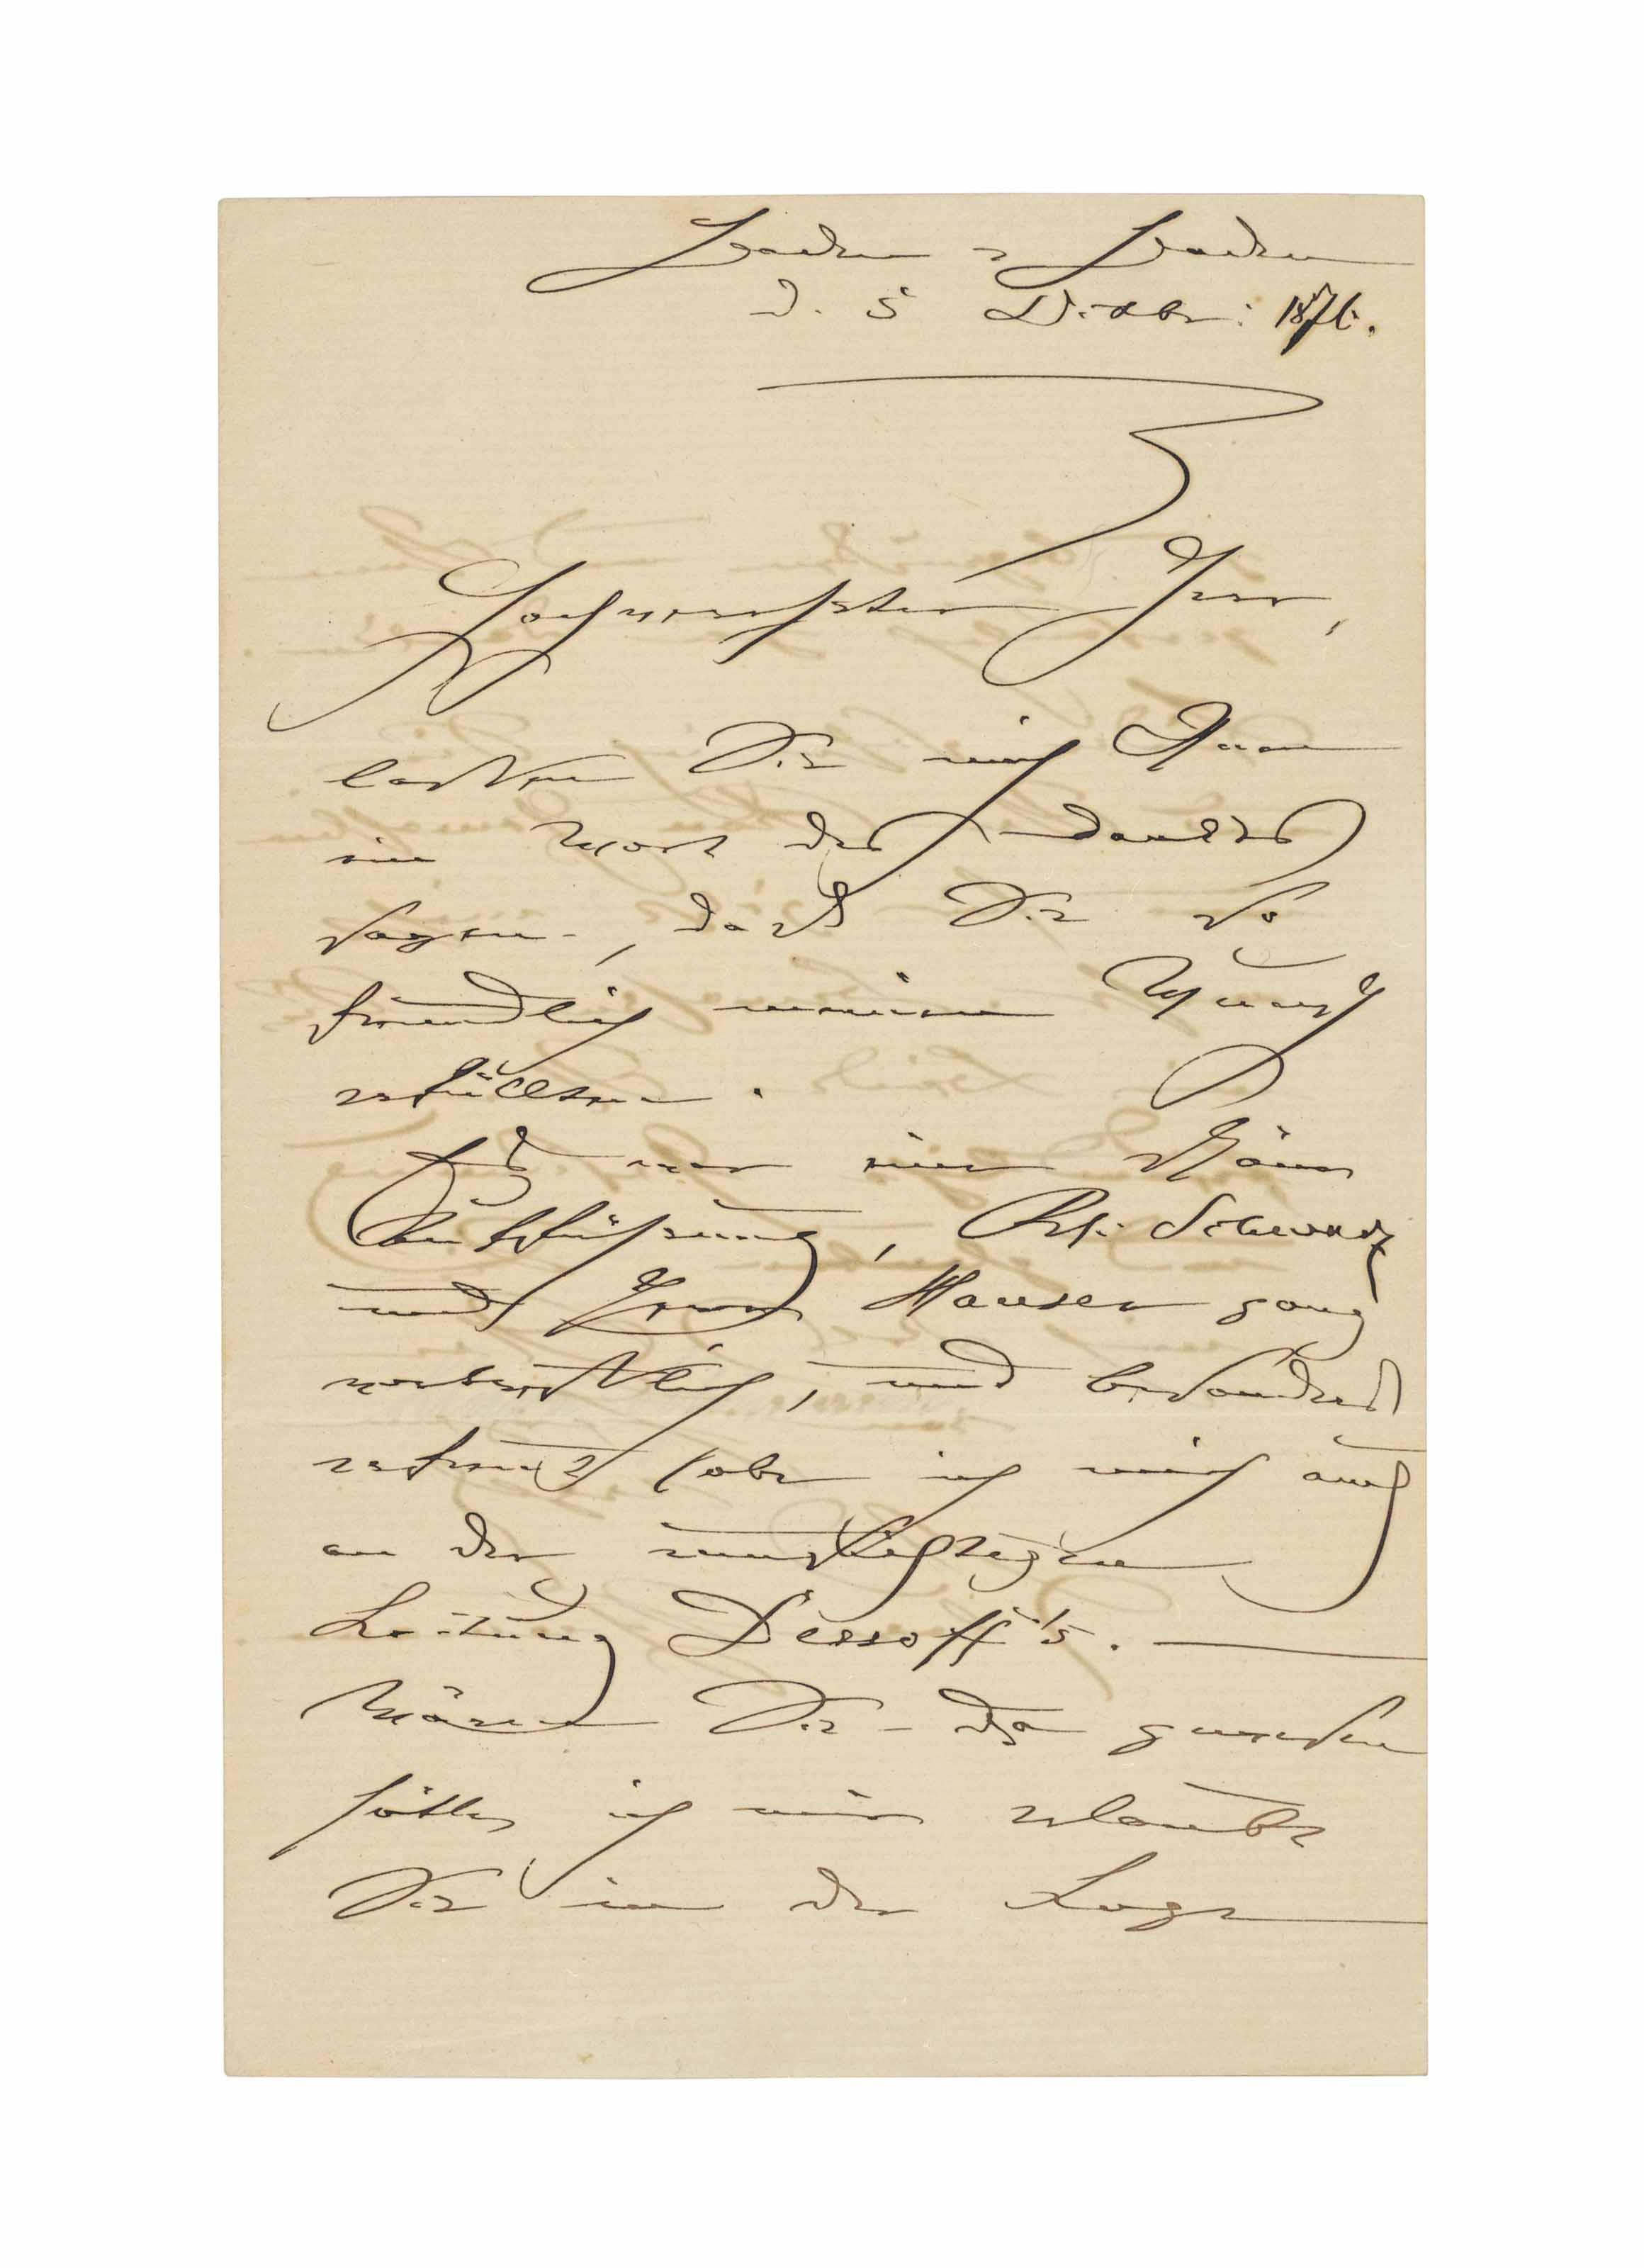 SCHUMANN , Clara (1819-1896). Autograph letter signed ('Clara Schumann') to an unidentified recipient, Baden Baden, 5 December 1876, thanking him for a favour, apparently an invitation to a concert in Karlsruhe, which she much admired, especially the performances of the singers Johanna Schwartz and Josef Hauser ('Es war einen schöne Aufführung, Frl. Schwartz und Herr Hauser ganz vortrefflich'), whilst the conducting of Felix Otto Dessoff gave her great pleasure; she regrets not having been able  thank the recipient in person ('Wären Sie da gewesen hätte ich mir erlaubt Sie in die Loge zu begrüßen und Ihnen persönlich zu danken'), two pages, 4to, bifolium.